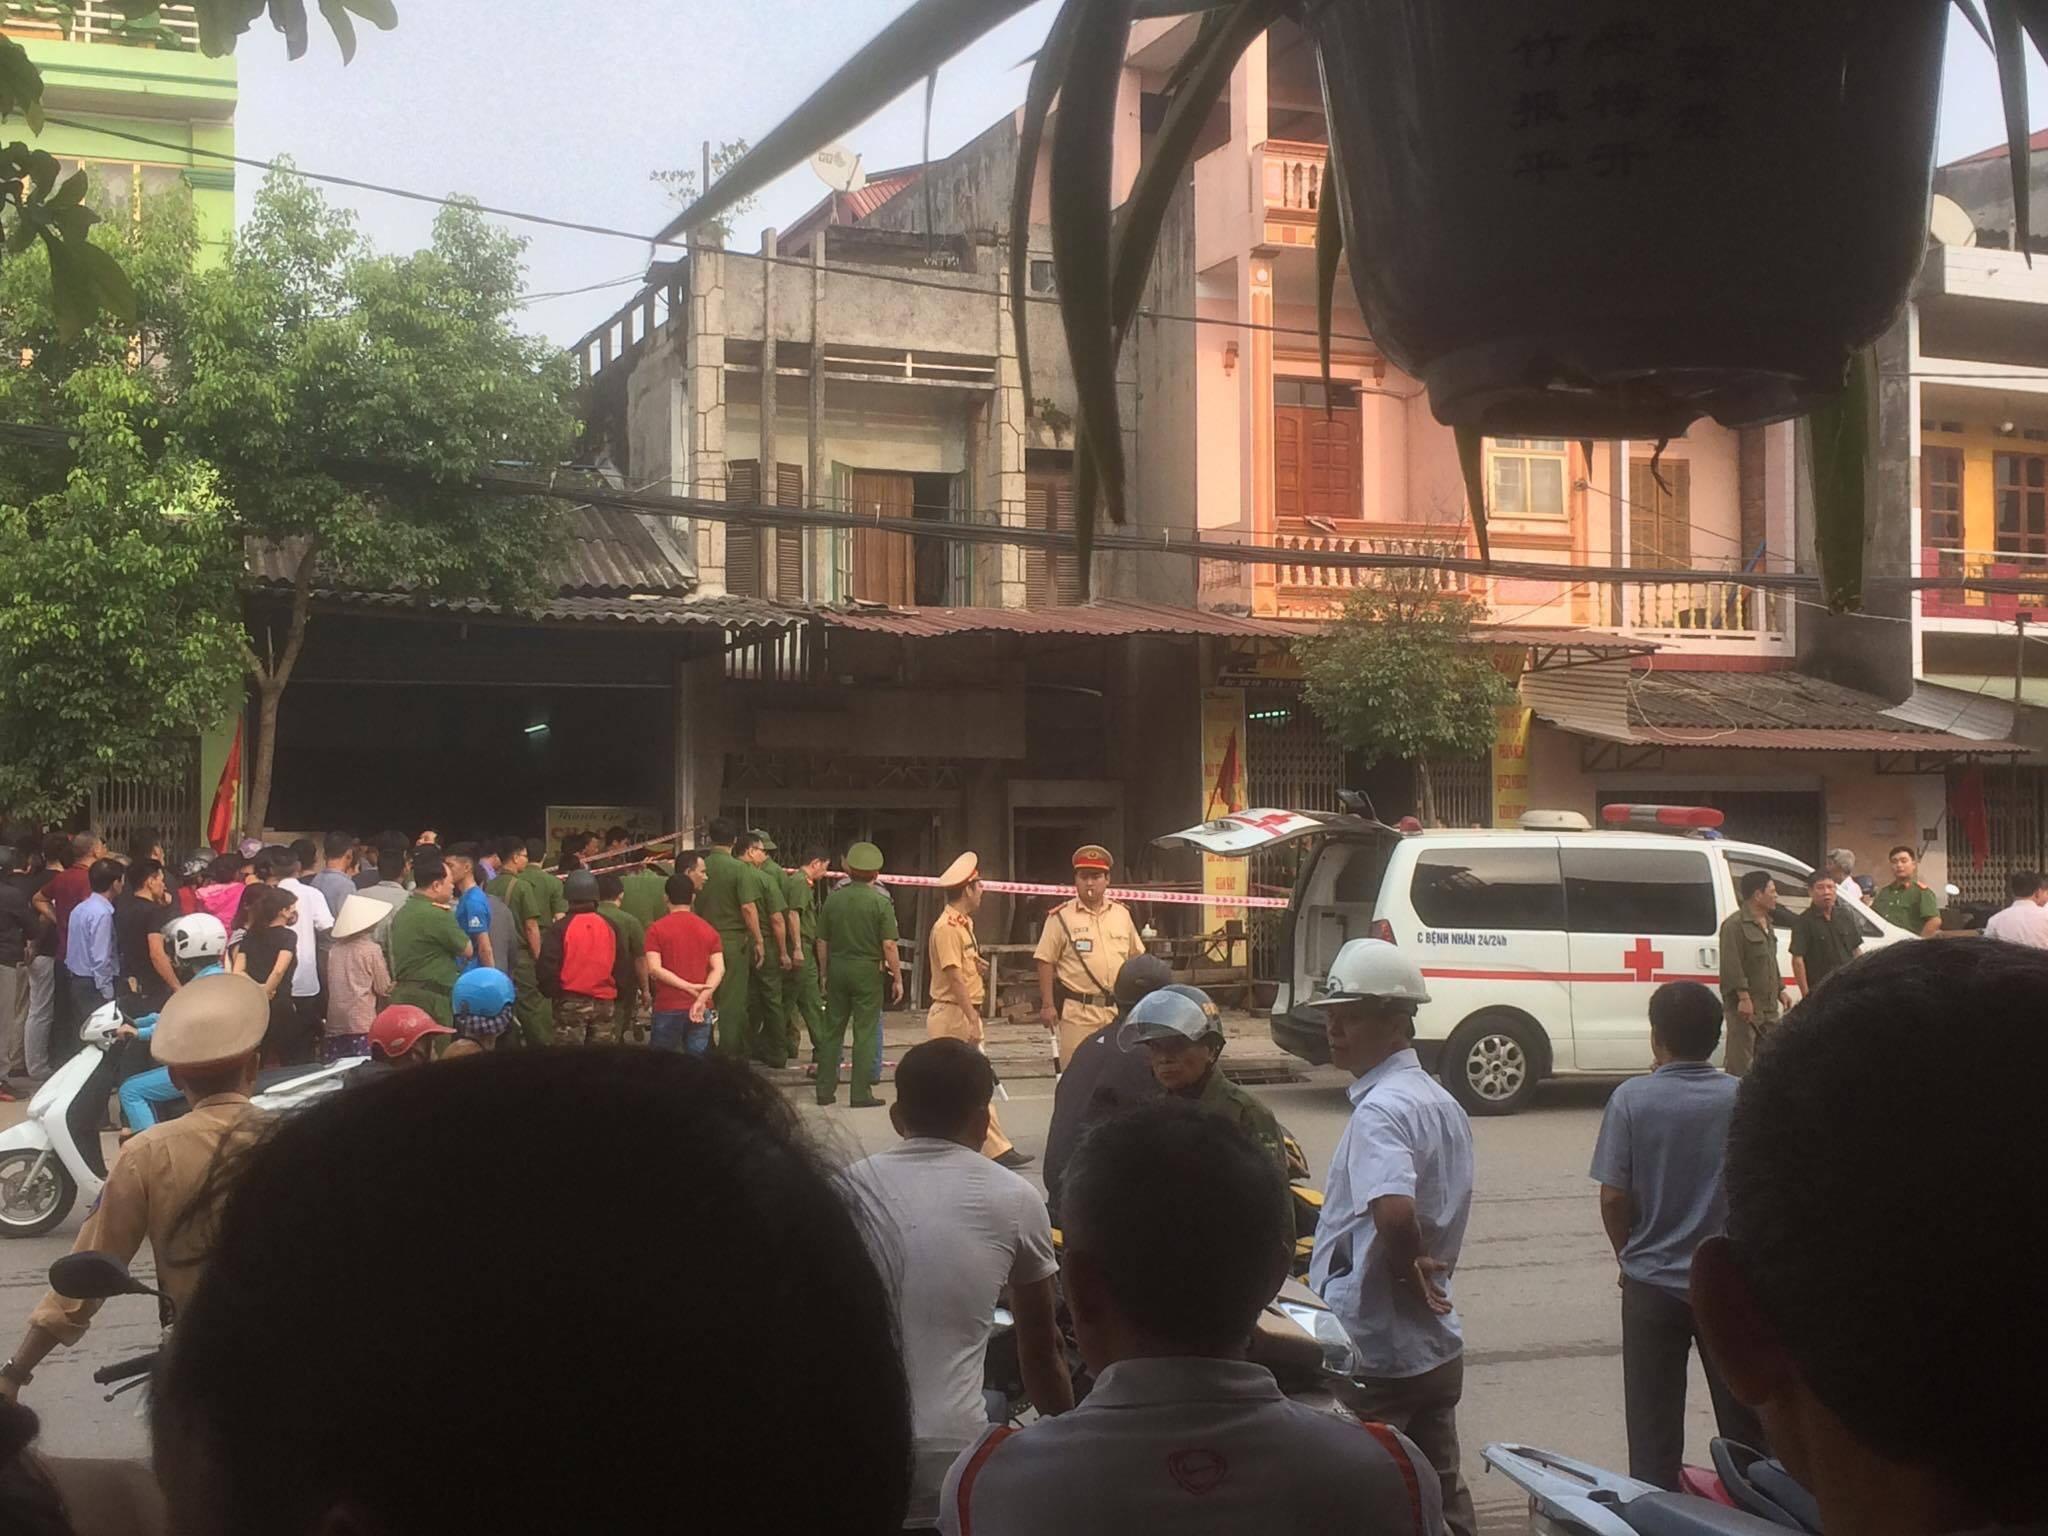 An ninh - Hình sự - Thông tin mới nhất về vụ nổ khiến 1 người tử vong ở Thái Nguyên